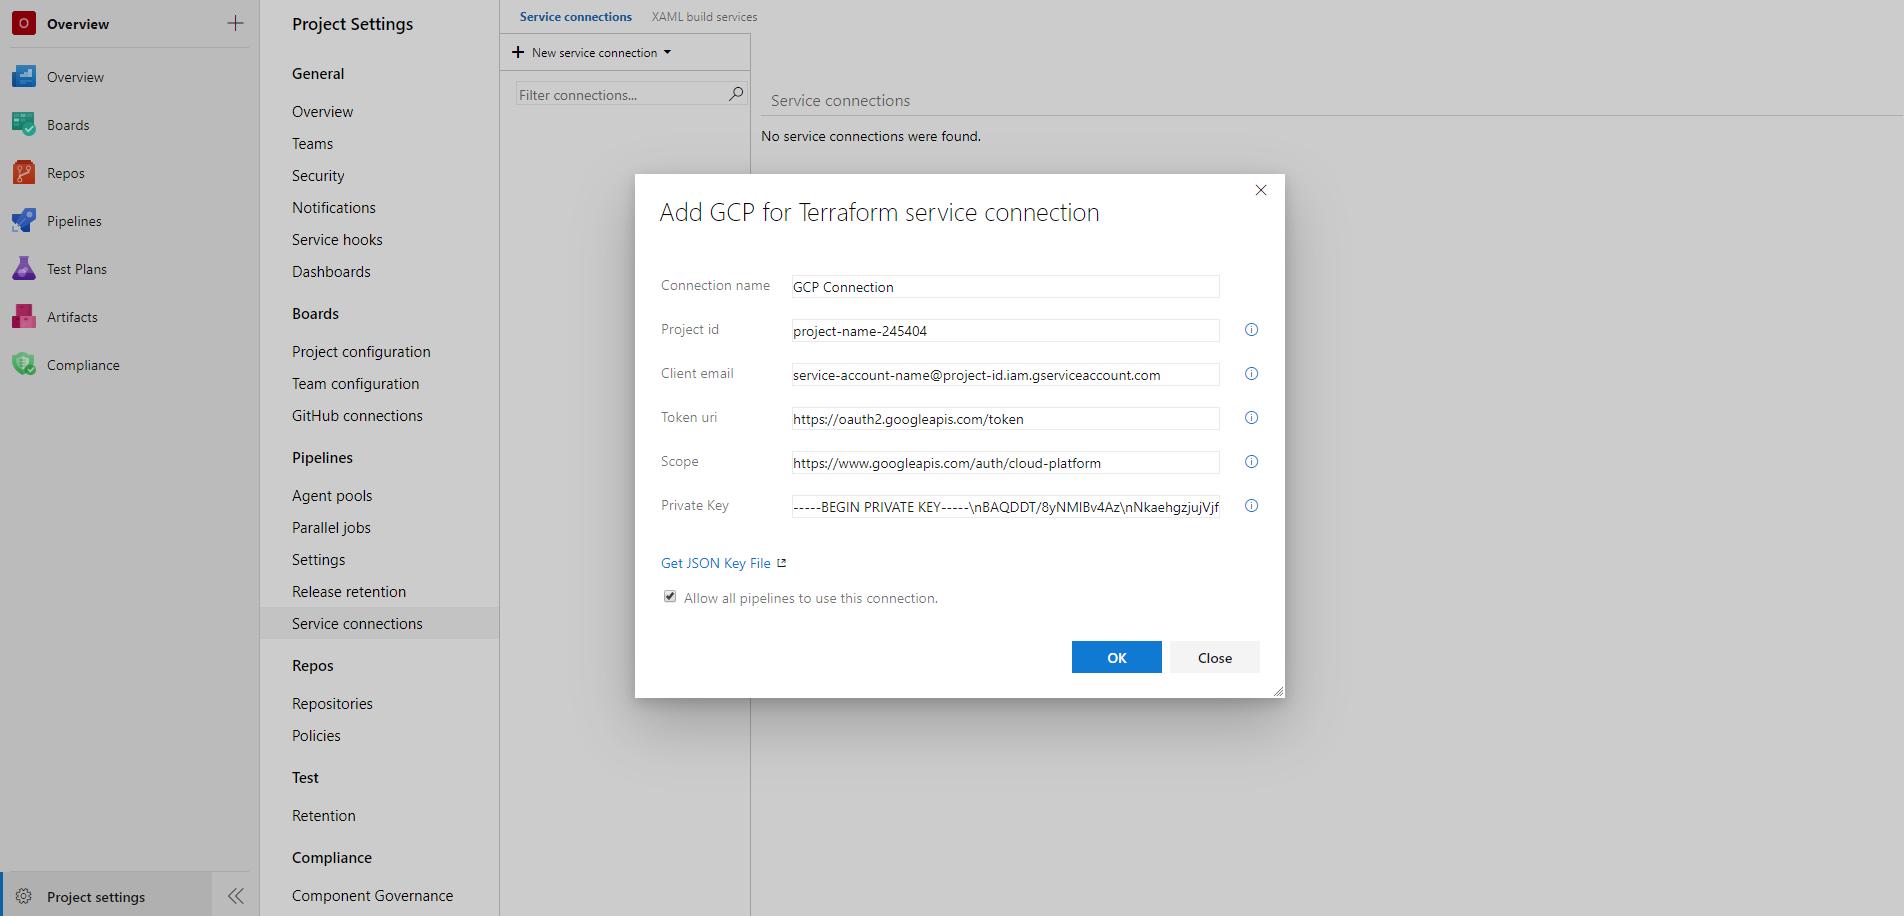 Creating a GCP service connection